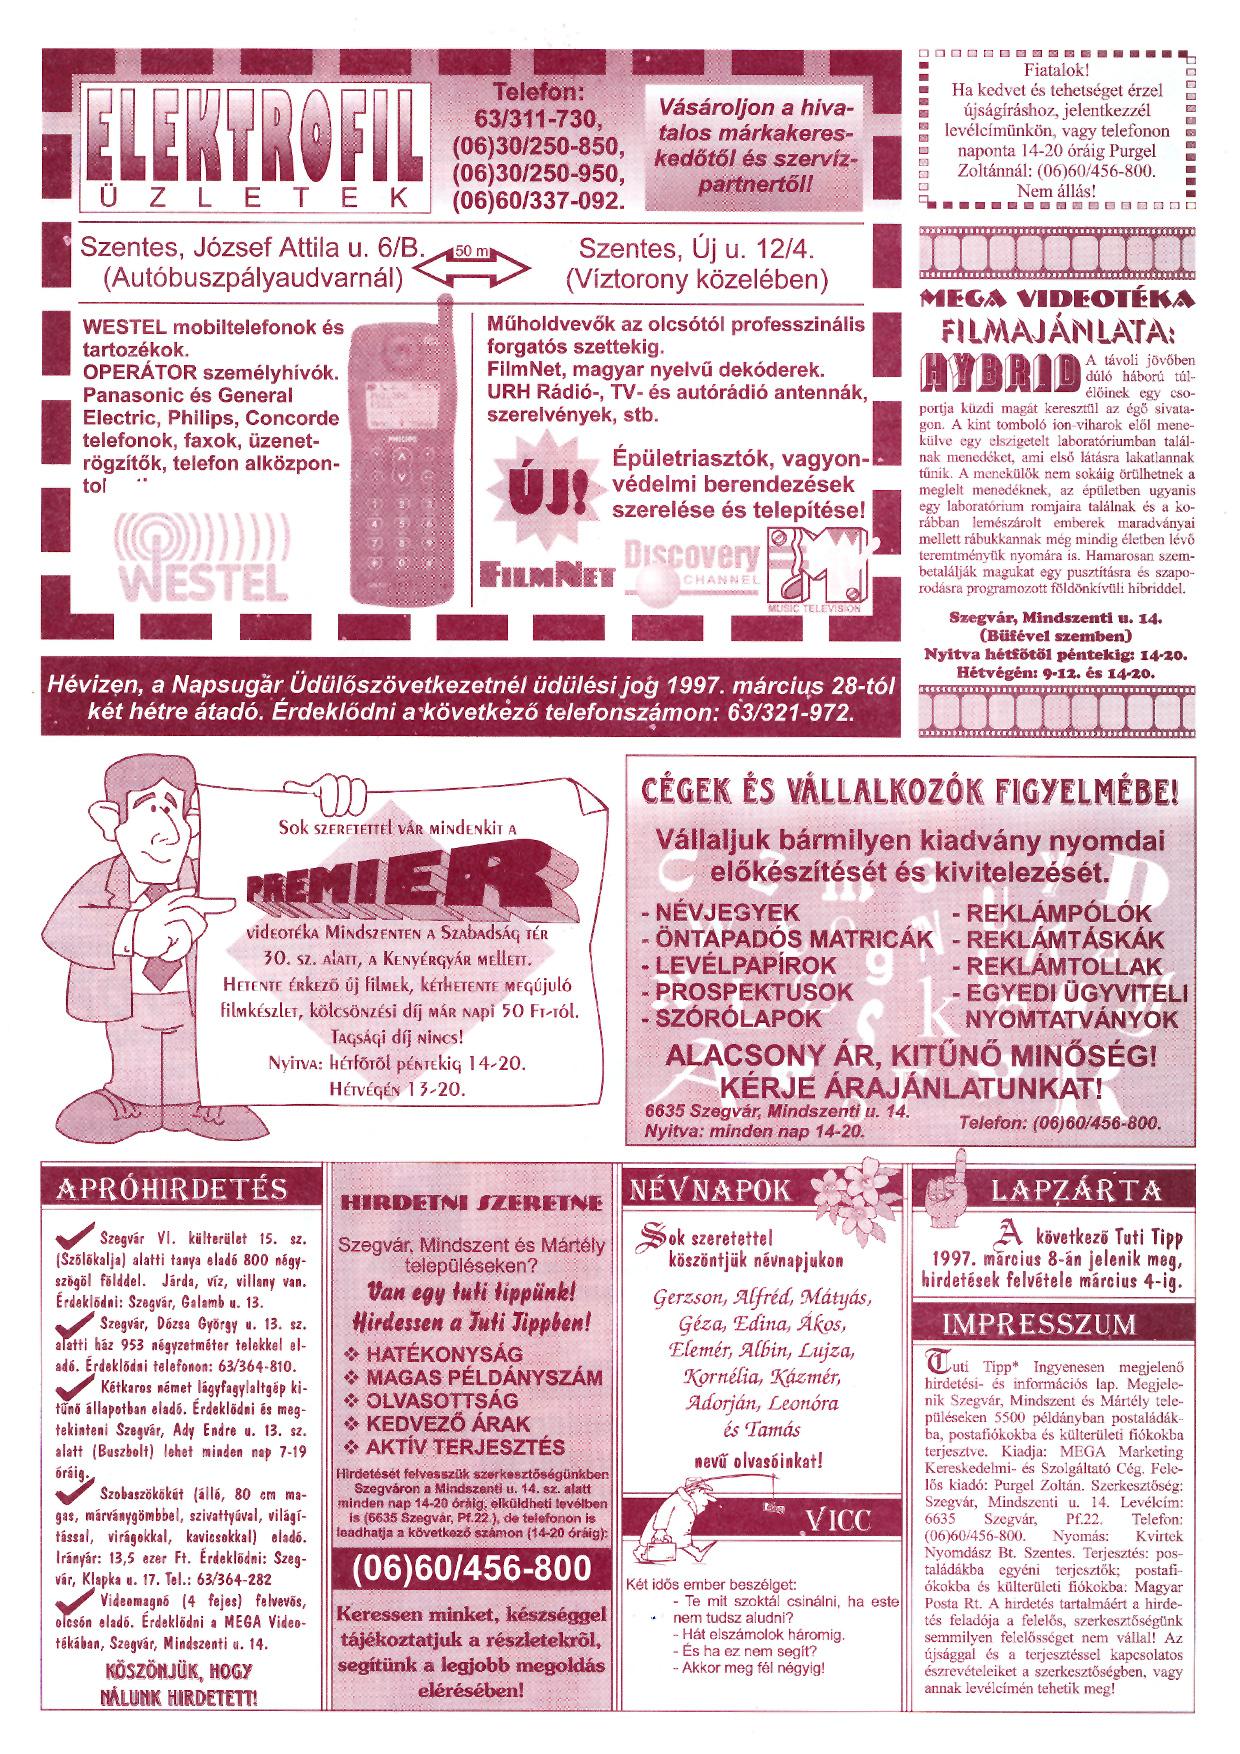 006 Tuti Tipp reklámújság - 19970222-056. lapszám - 2.oldal - III. évfolyam.jpg